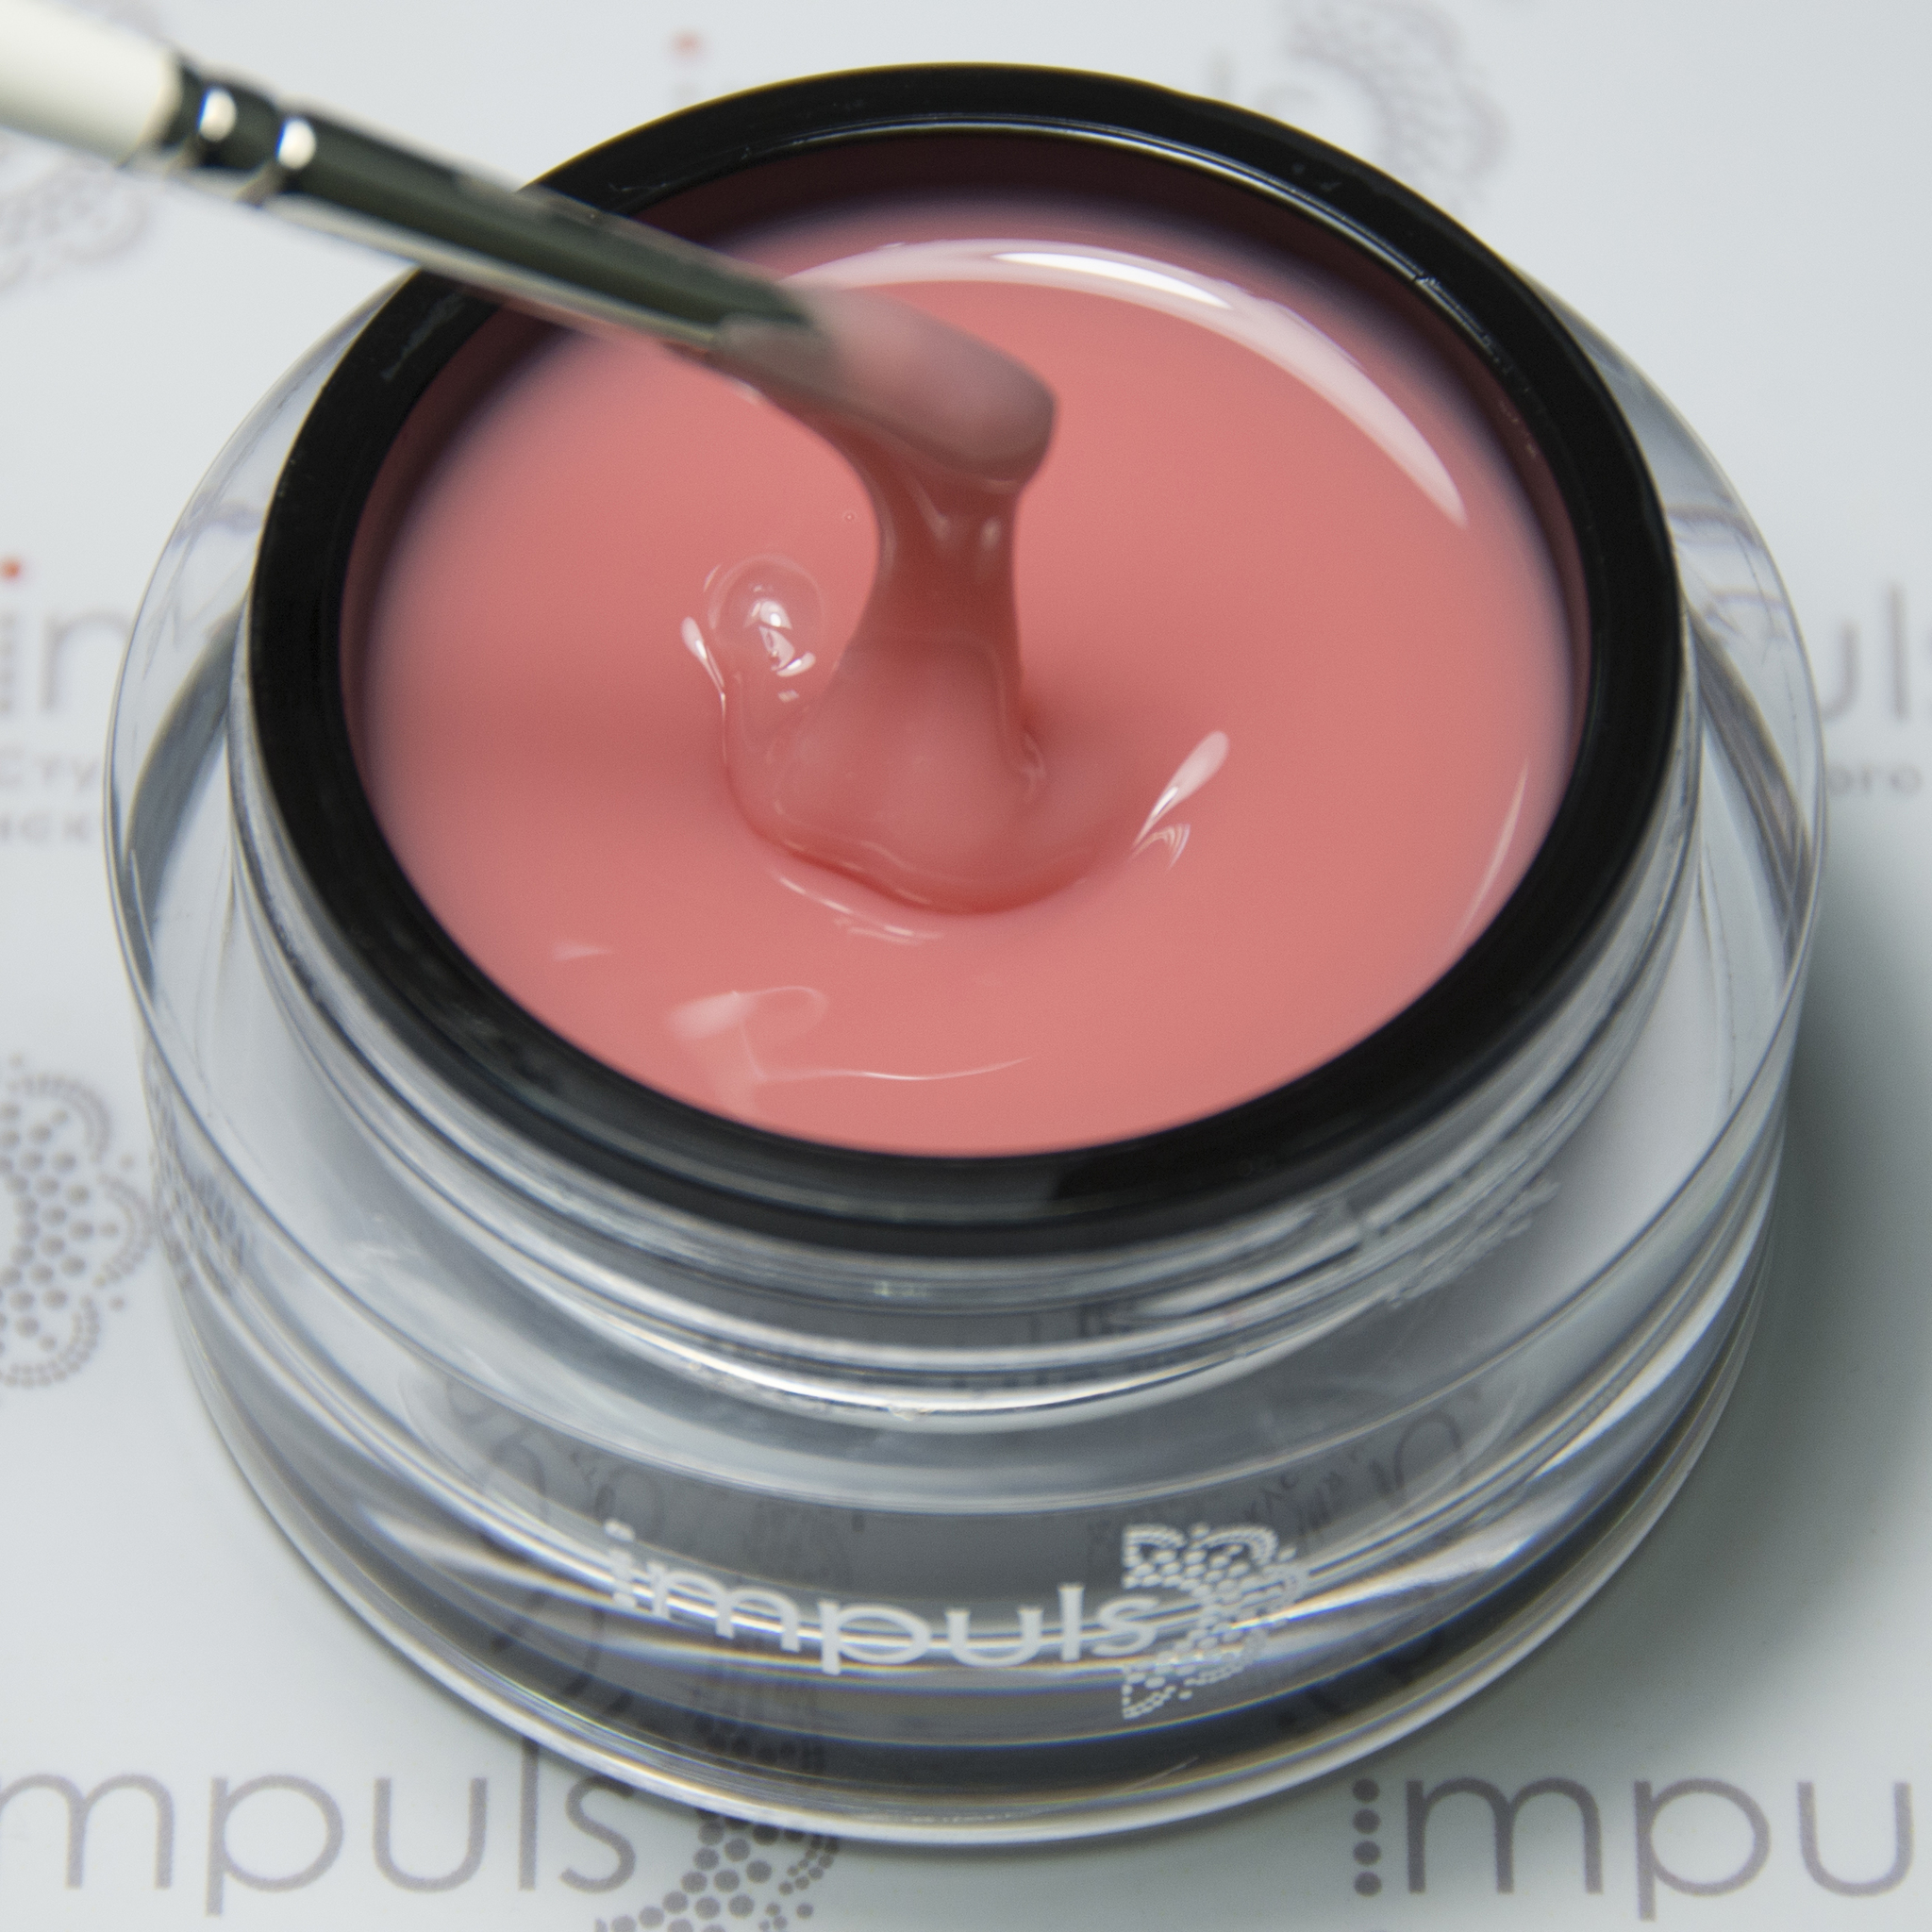 Sculpture Gel Natural Pink. Легкий камуфляж натурально-розовый